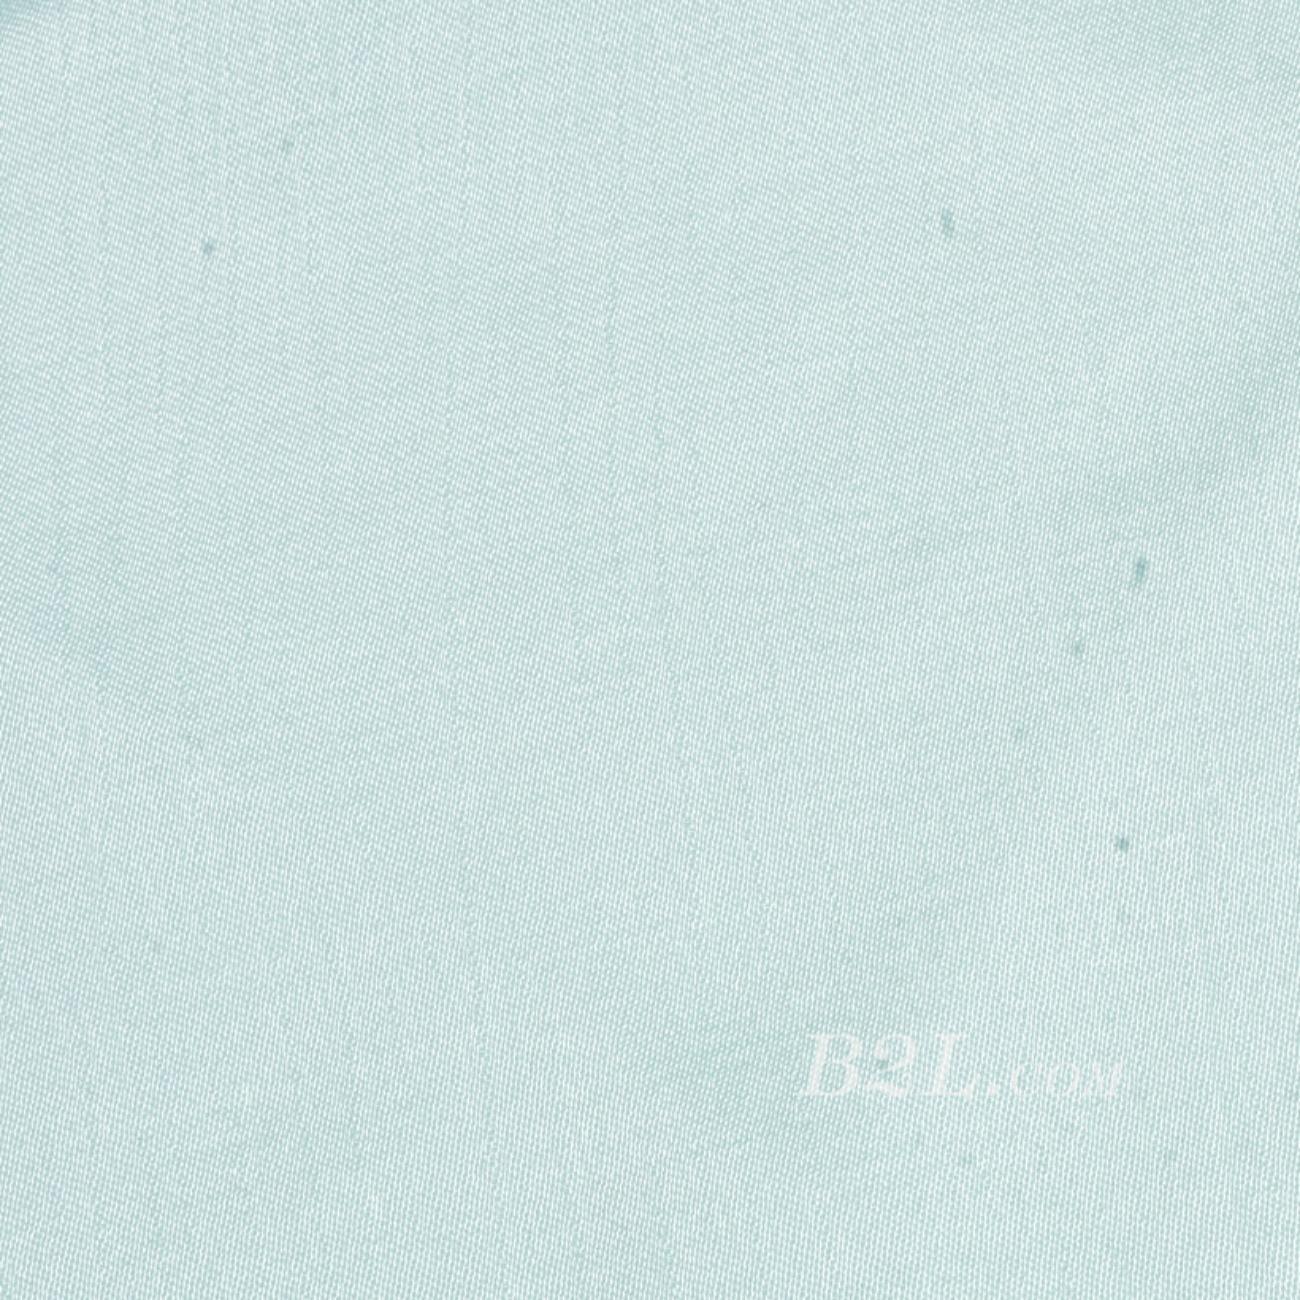 素色 梭織 染色 春夏 醋酸 連衣裙 休閑服 S426